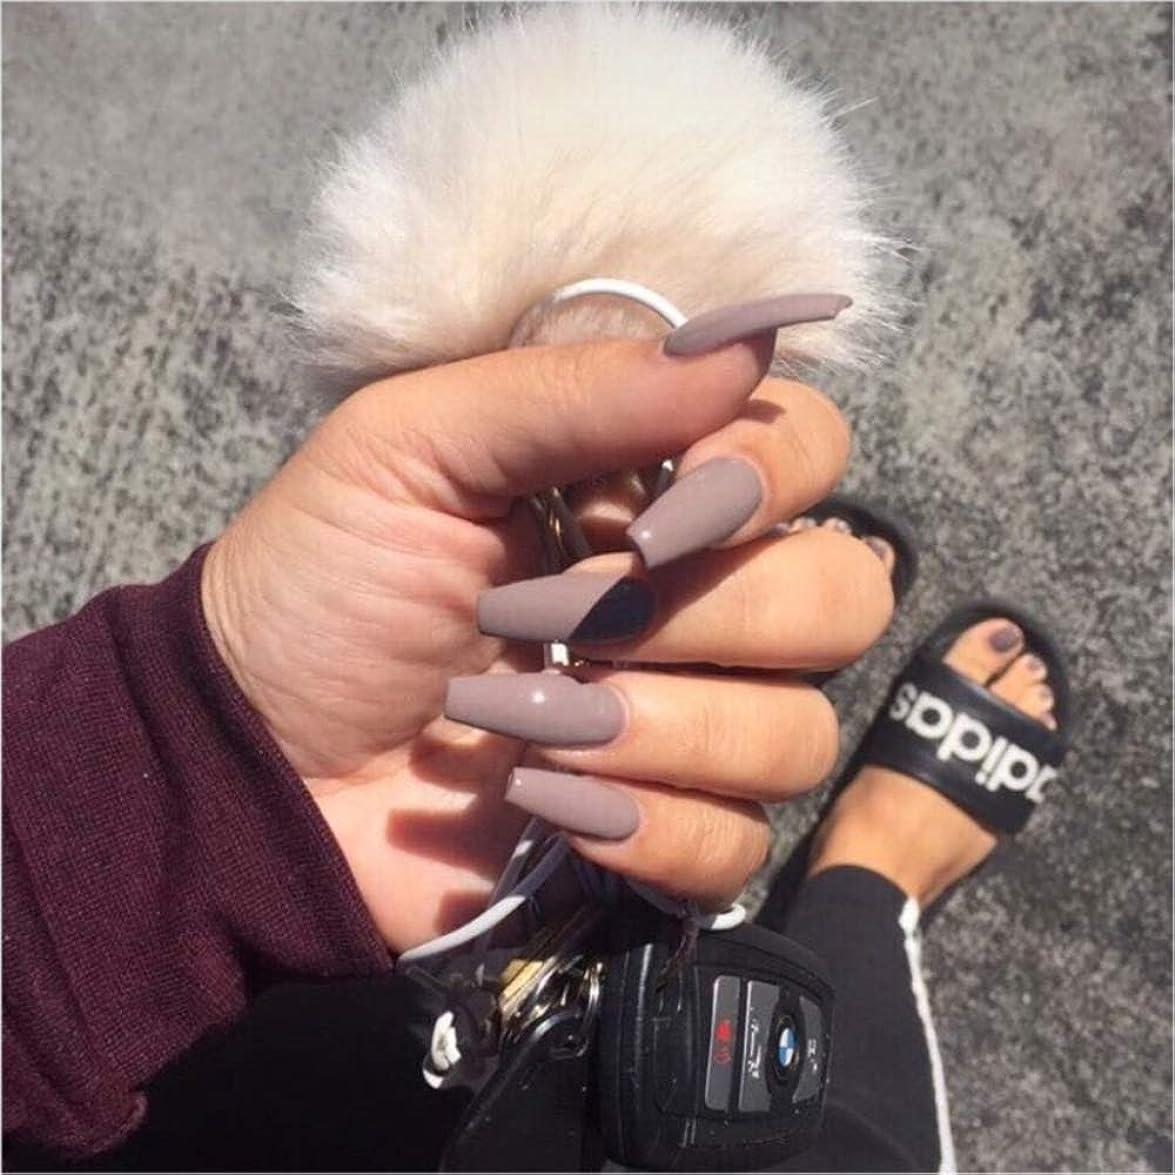 XUTXZKA グレーの純粋な色の偽の爪の女性の完全な爪のヒントの花嫁の偽の爪